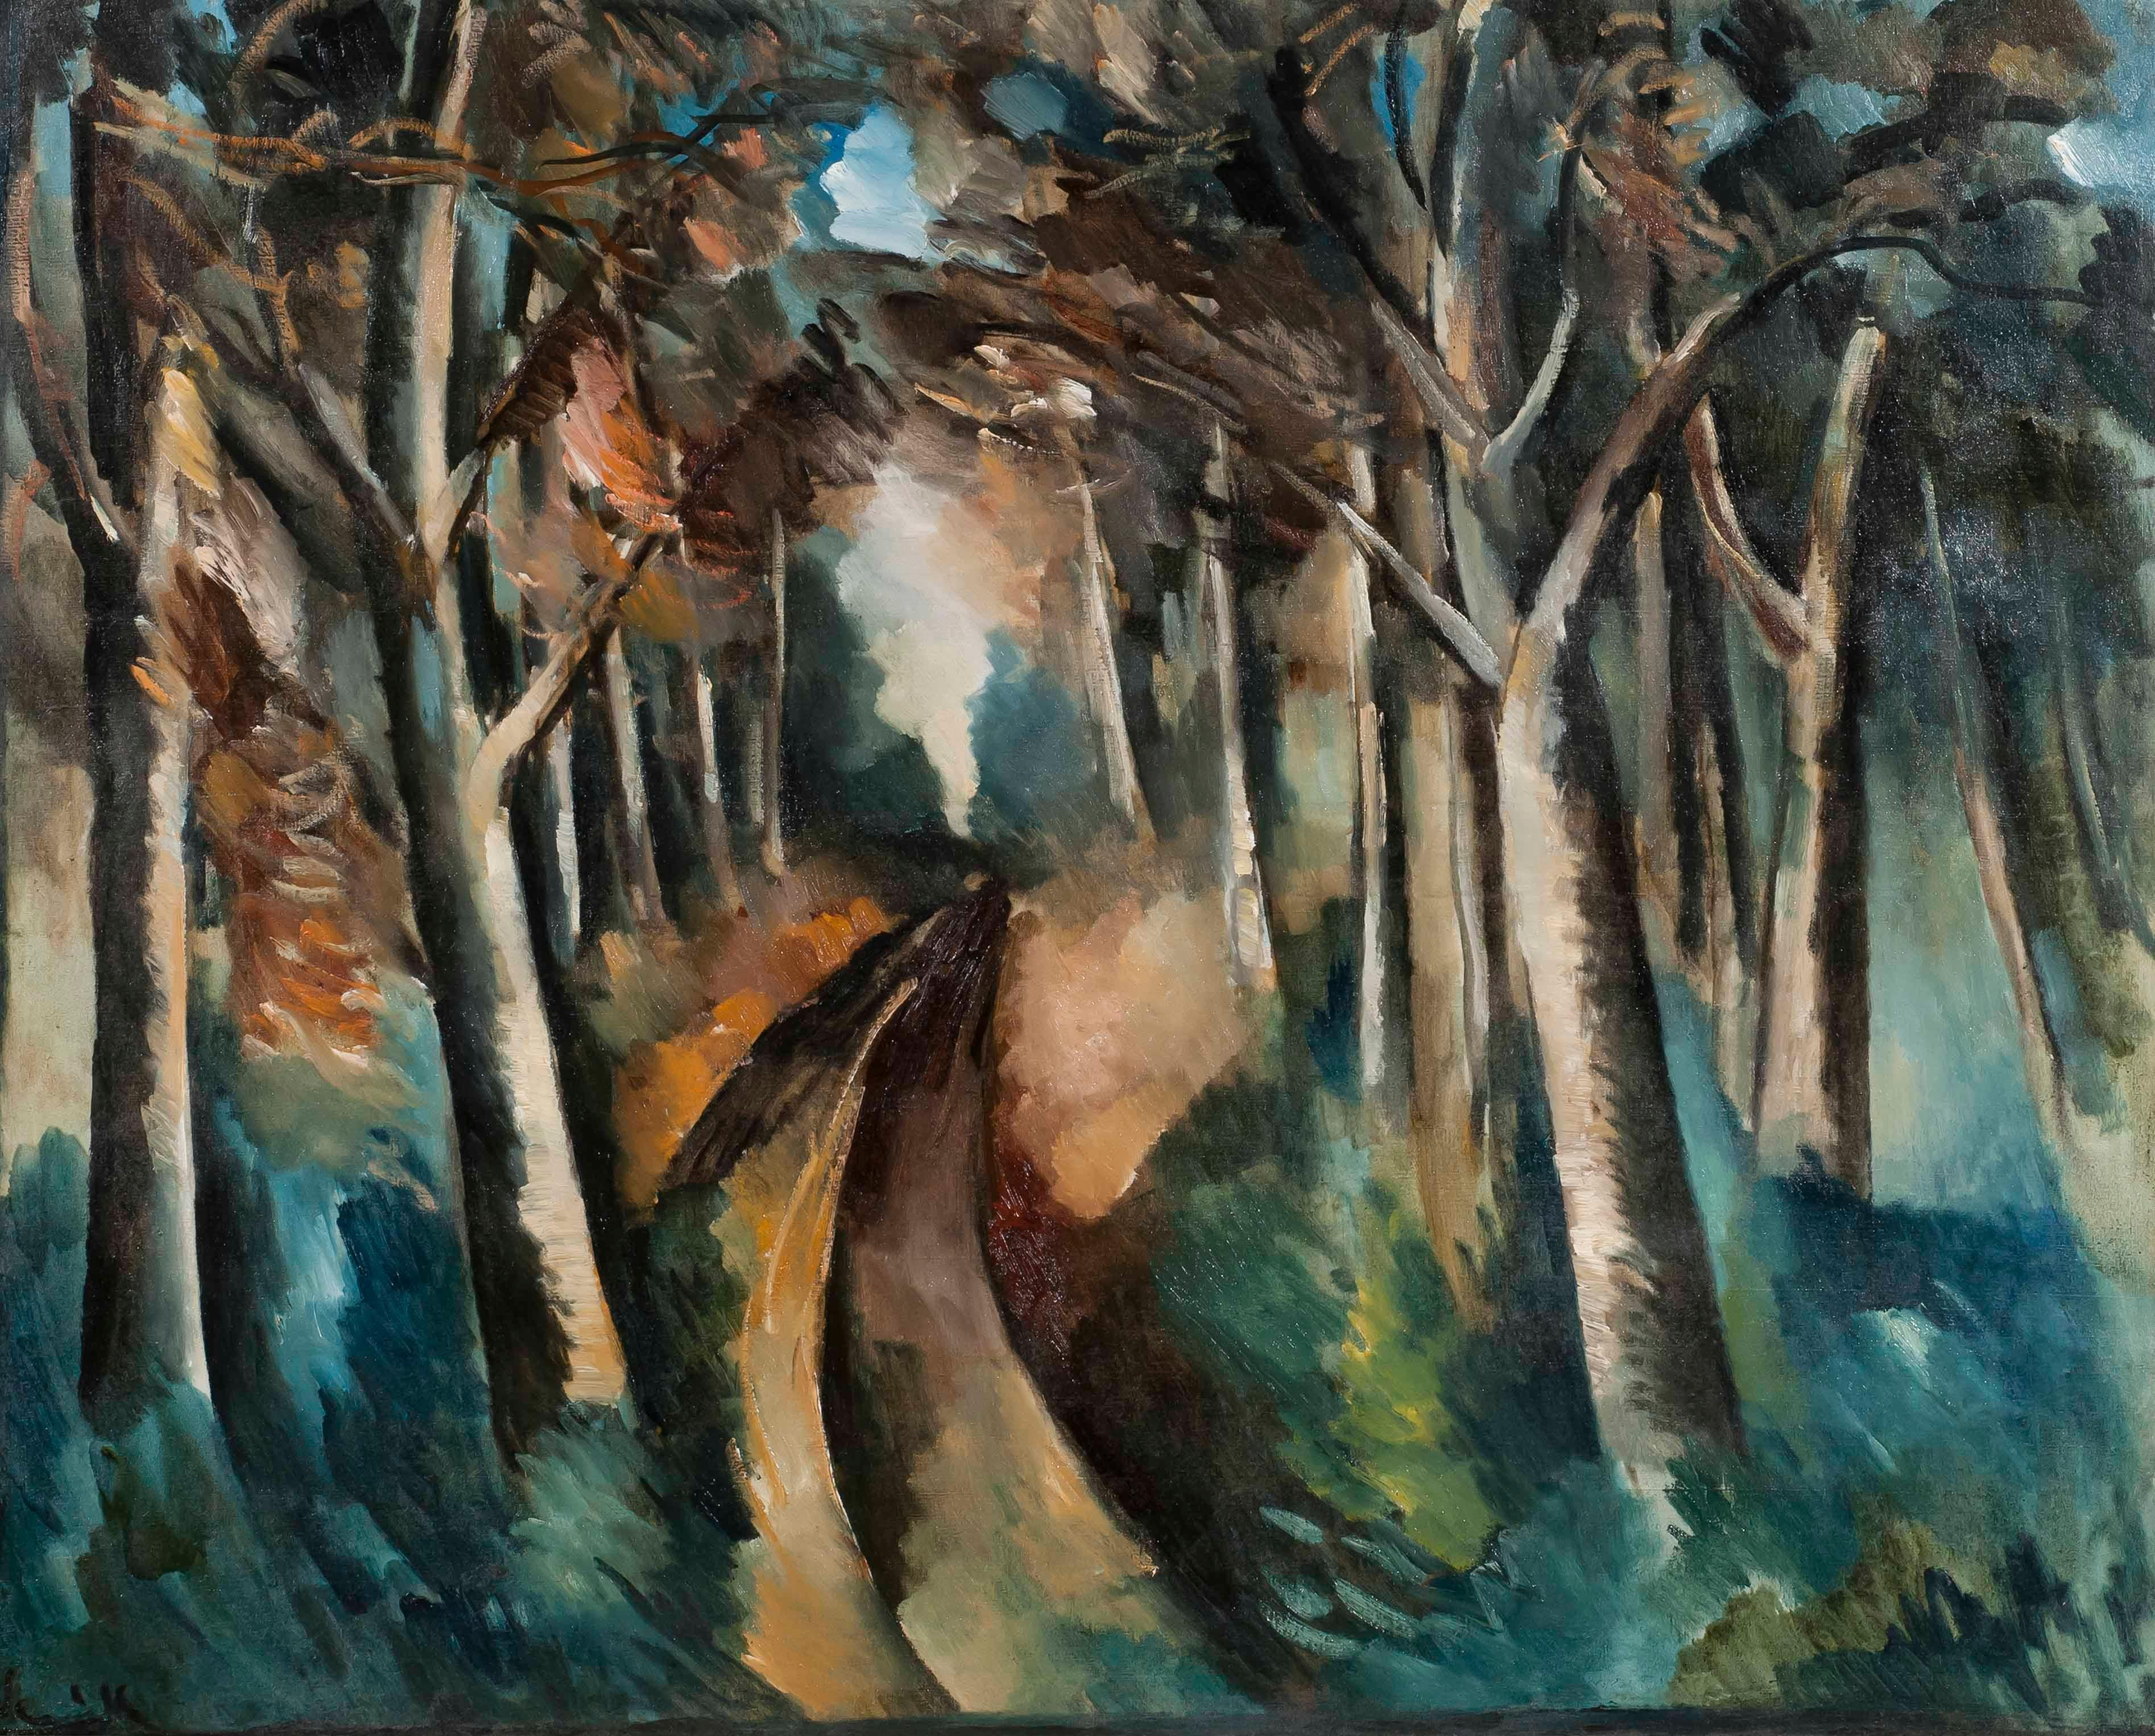 Bois à La Jonchère - Maurice de Vlaminck, modern, trees, landscape, forest, art